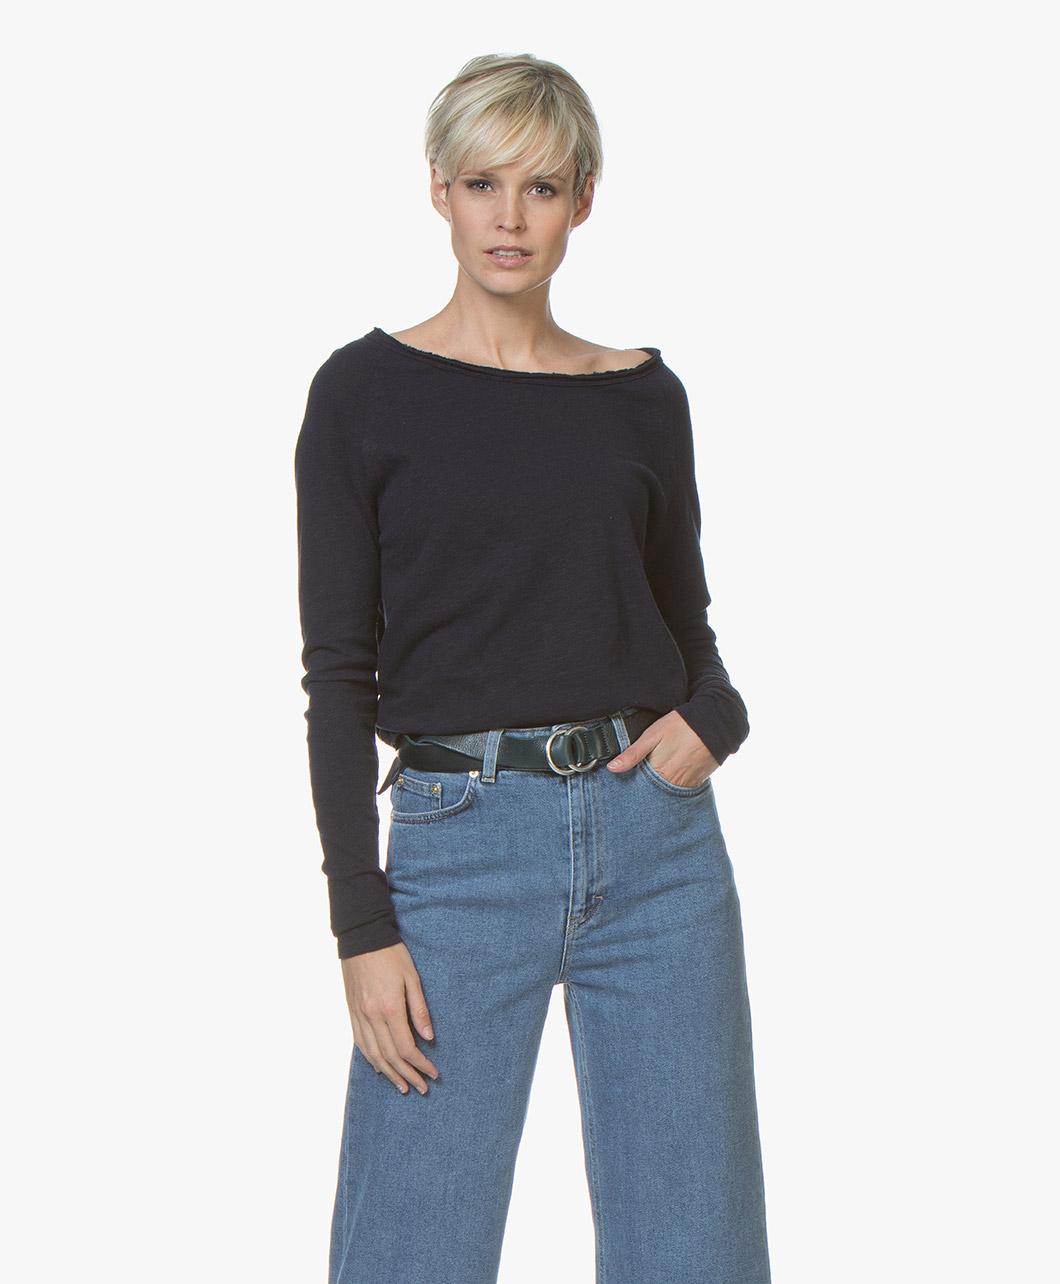 Afbeelding van American Sweater Vintage Sonoma in Lychee